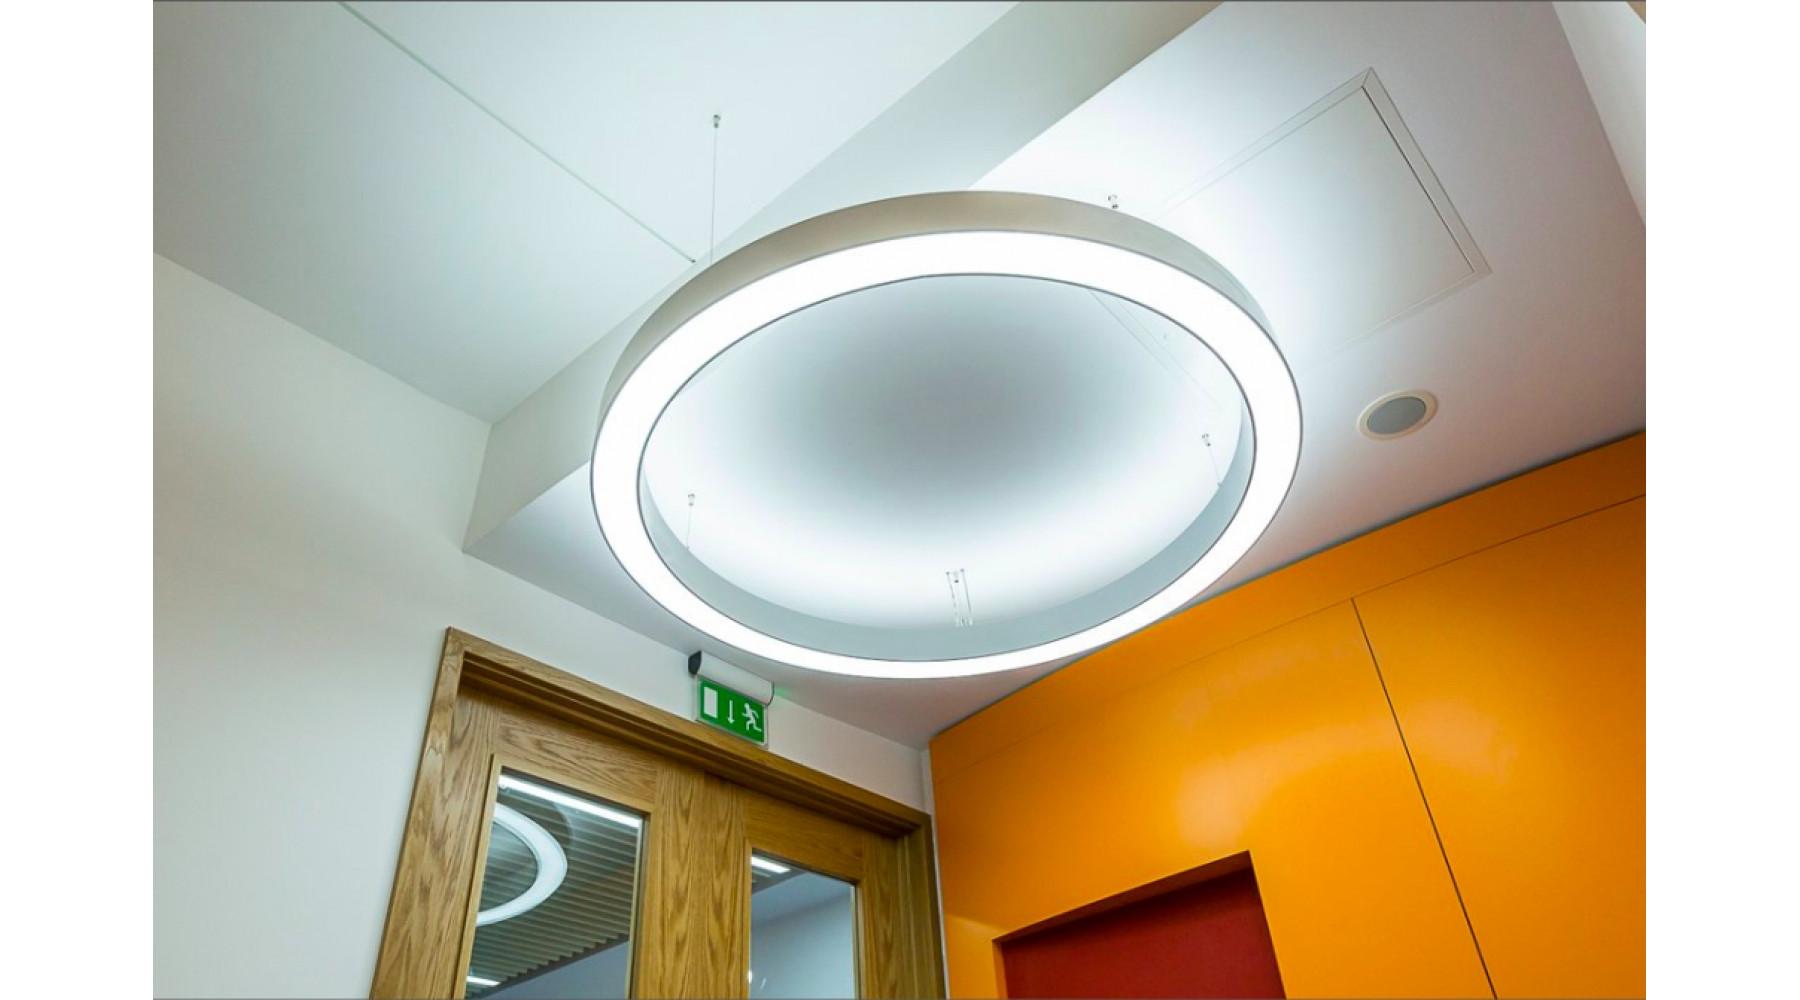 Кольцевой светодиодный светильник SUNRing - d1000х100мм S=80мм, 71Вт, 6461Лм, IP20